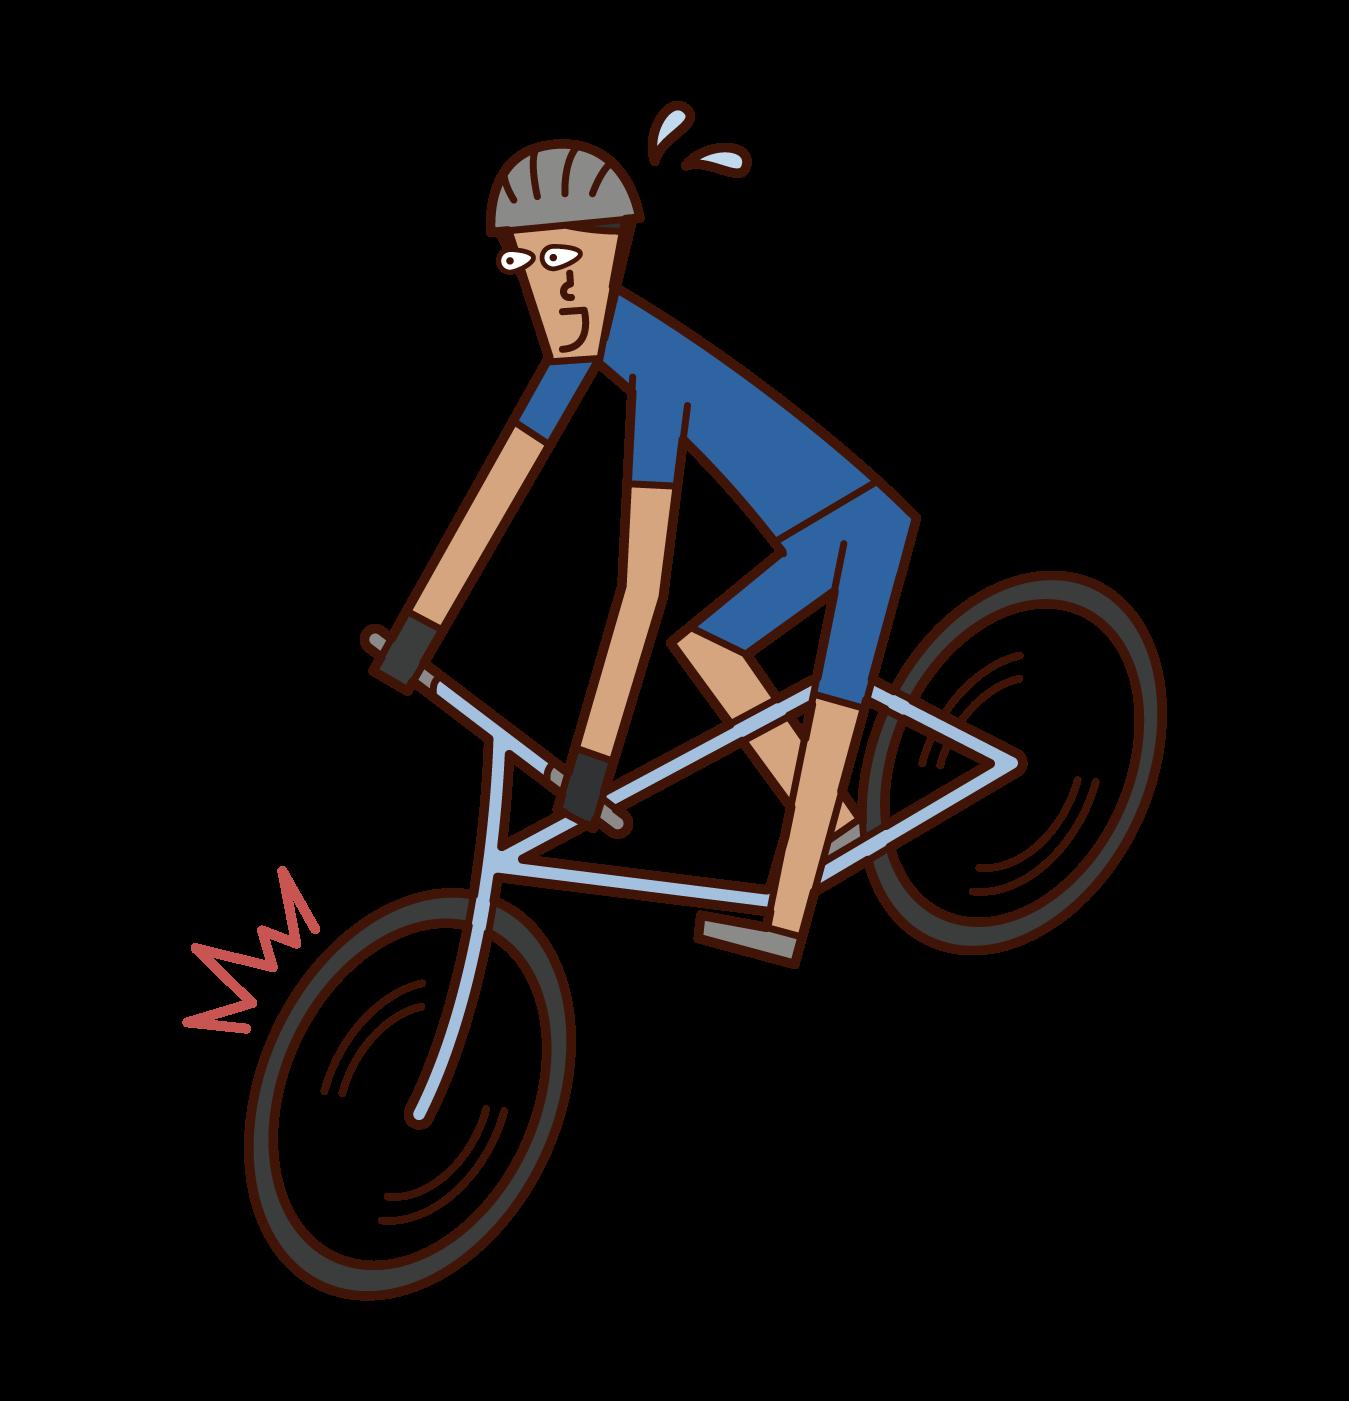 急ブレーキをかける自転車乗り(男性)のイラスト